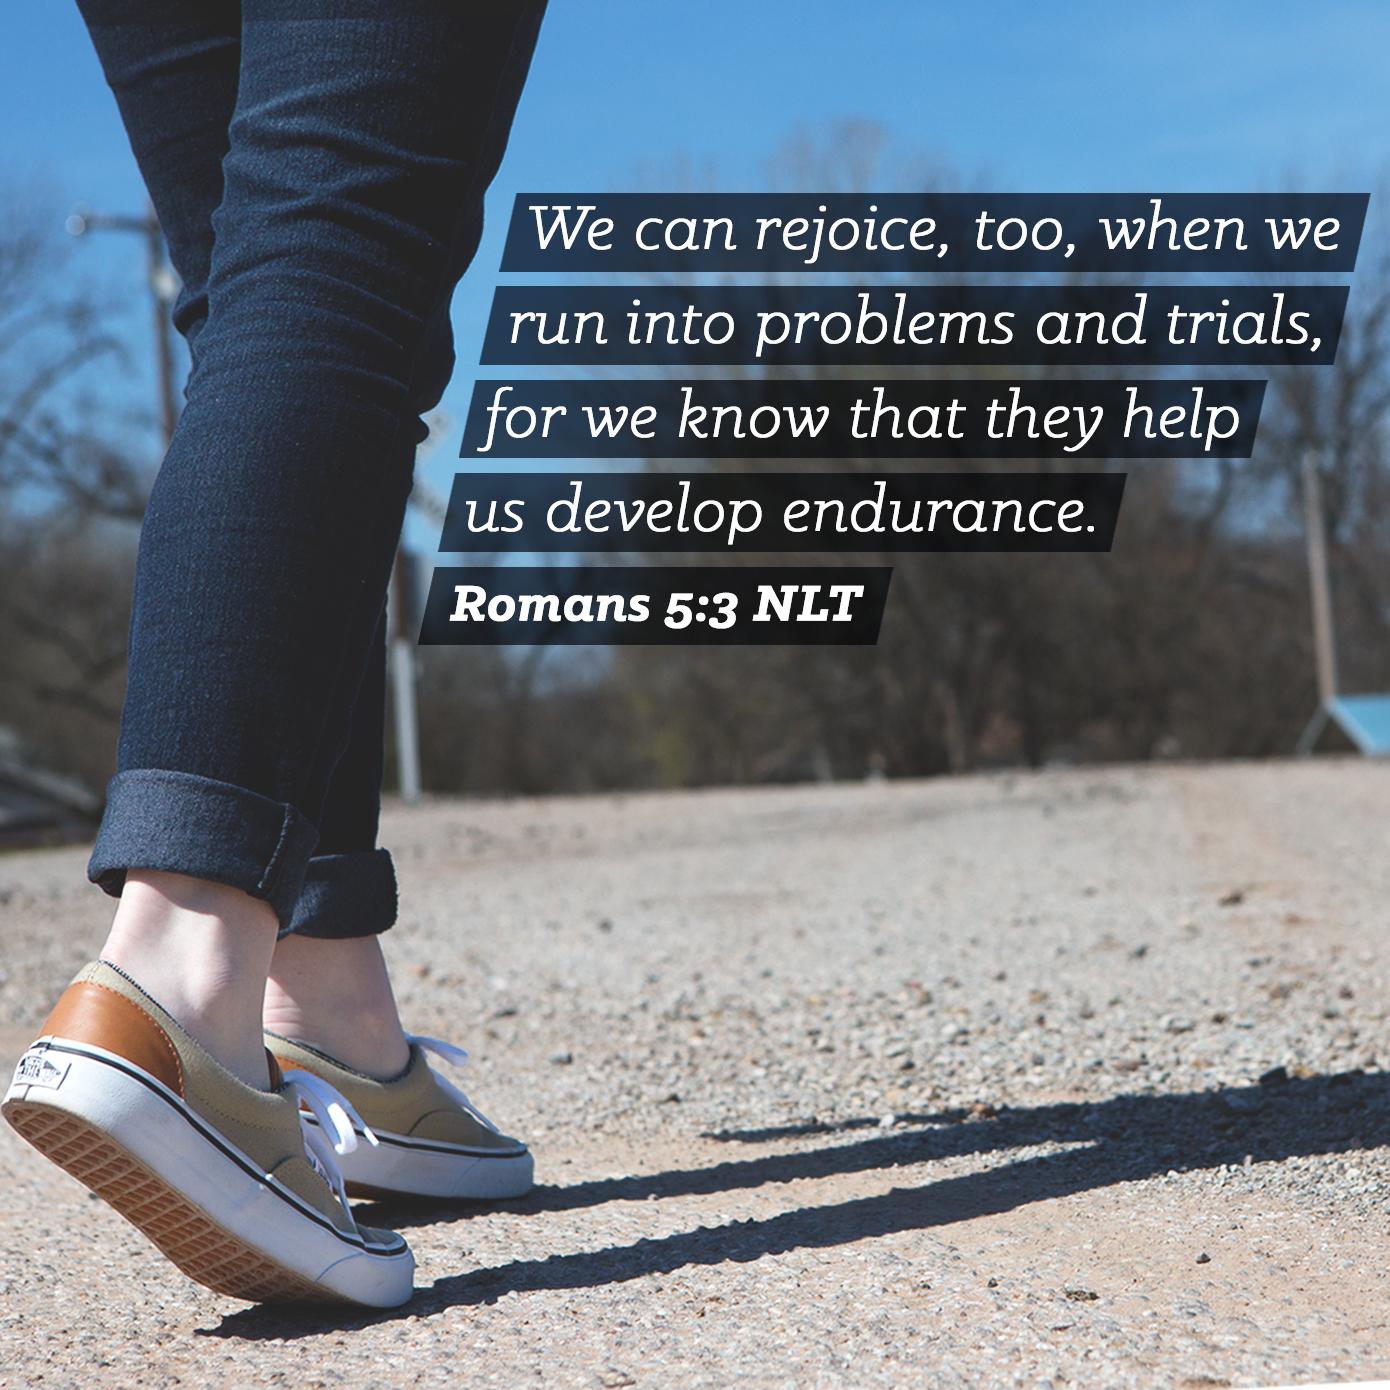 Romans 5:3 NLT